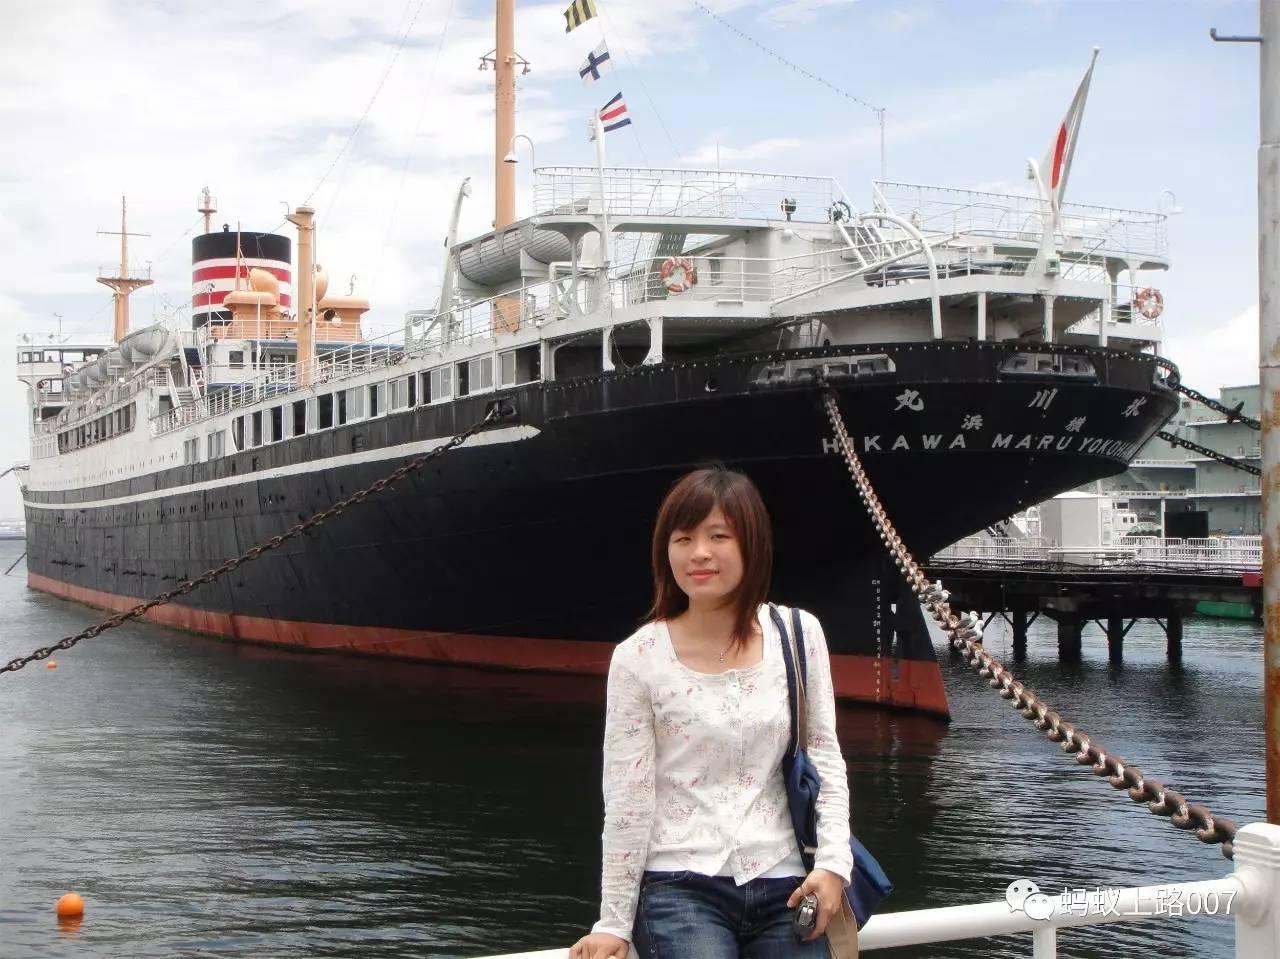 日本----橫濱----未來港灣21世紀地區(MM21地區)